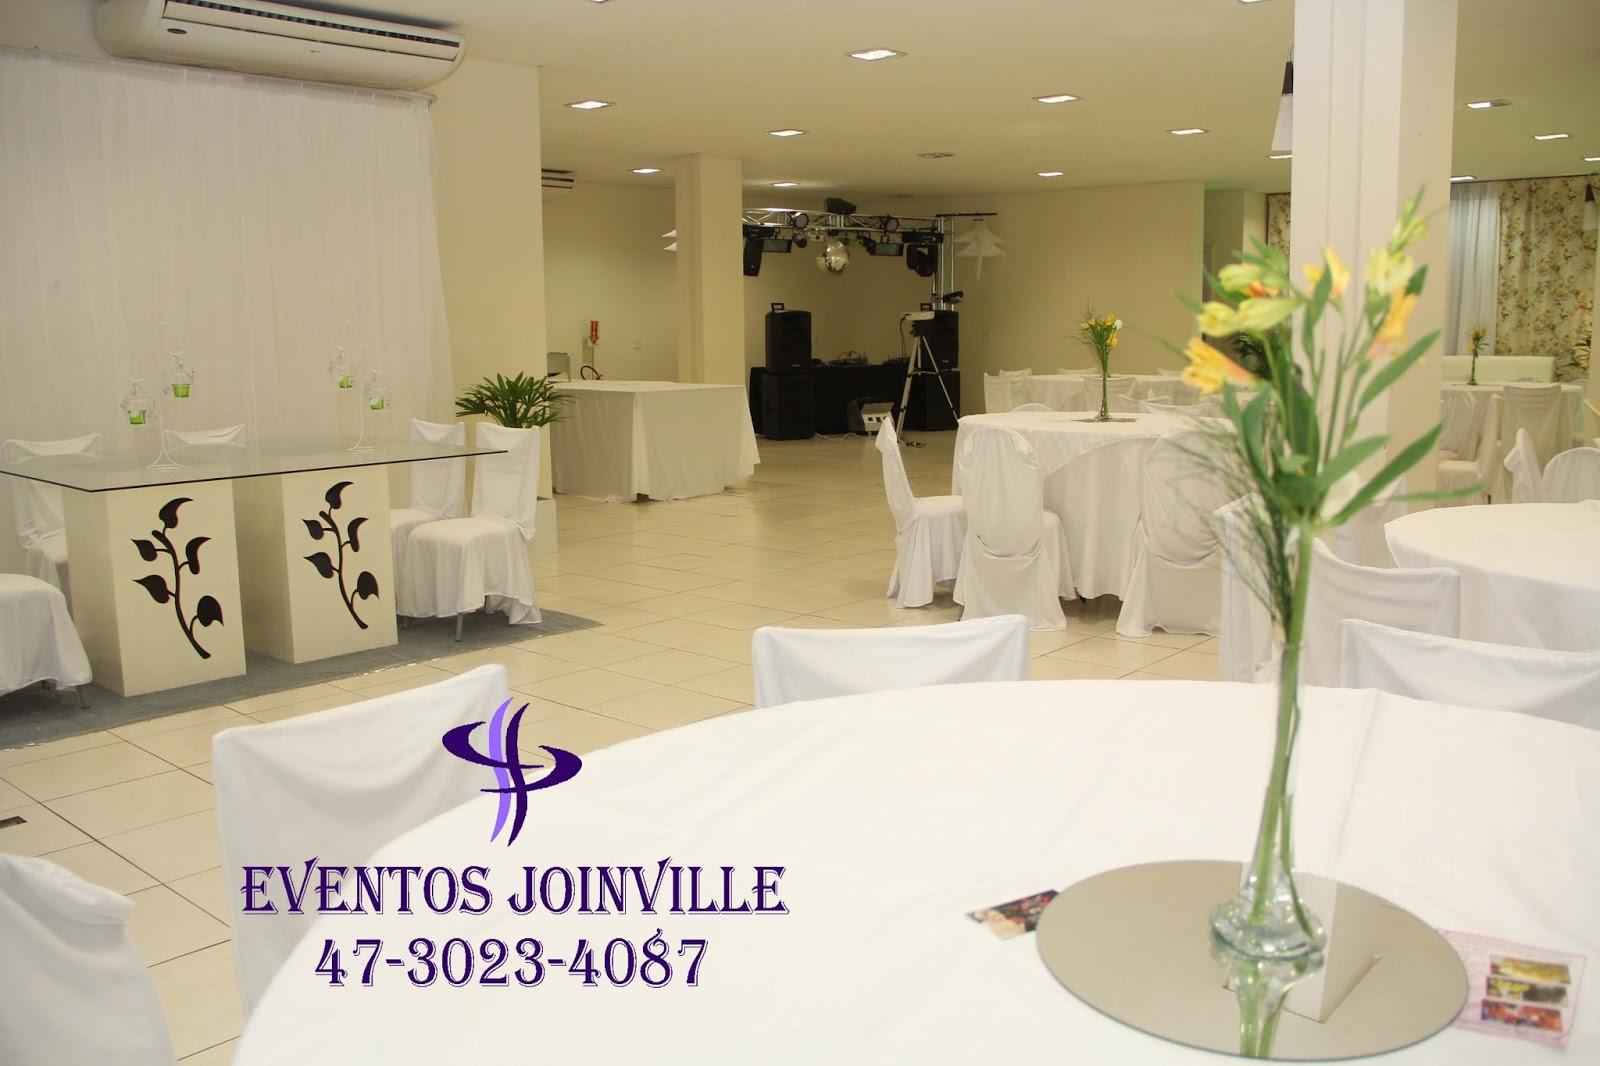 Decoração para casamento,decoração em Joinville,decoração